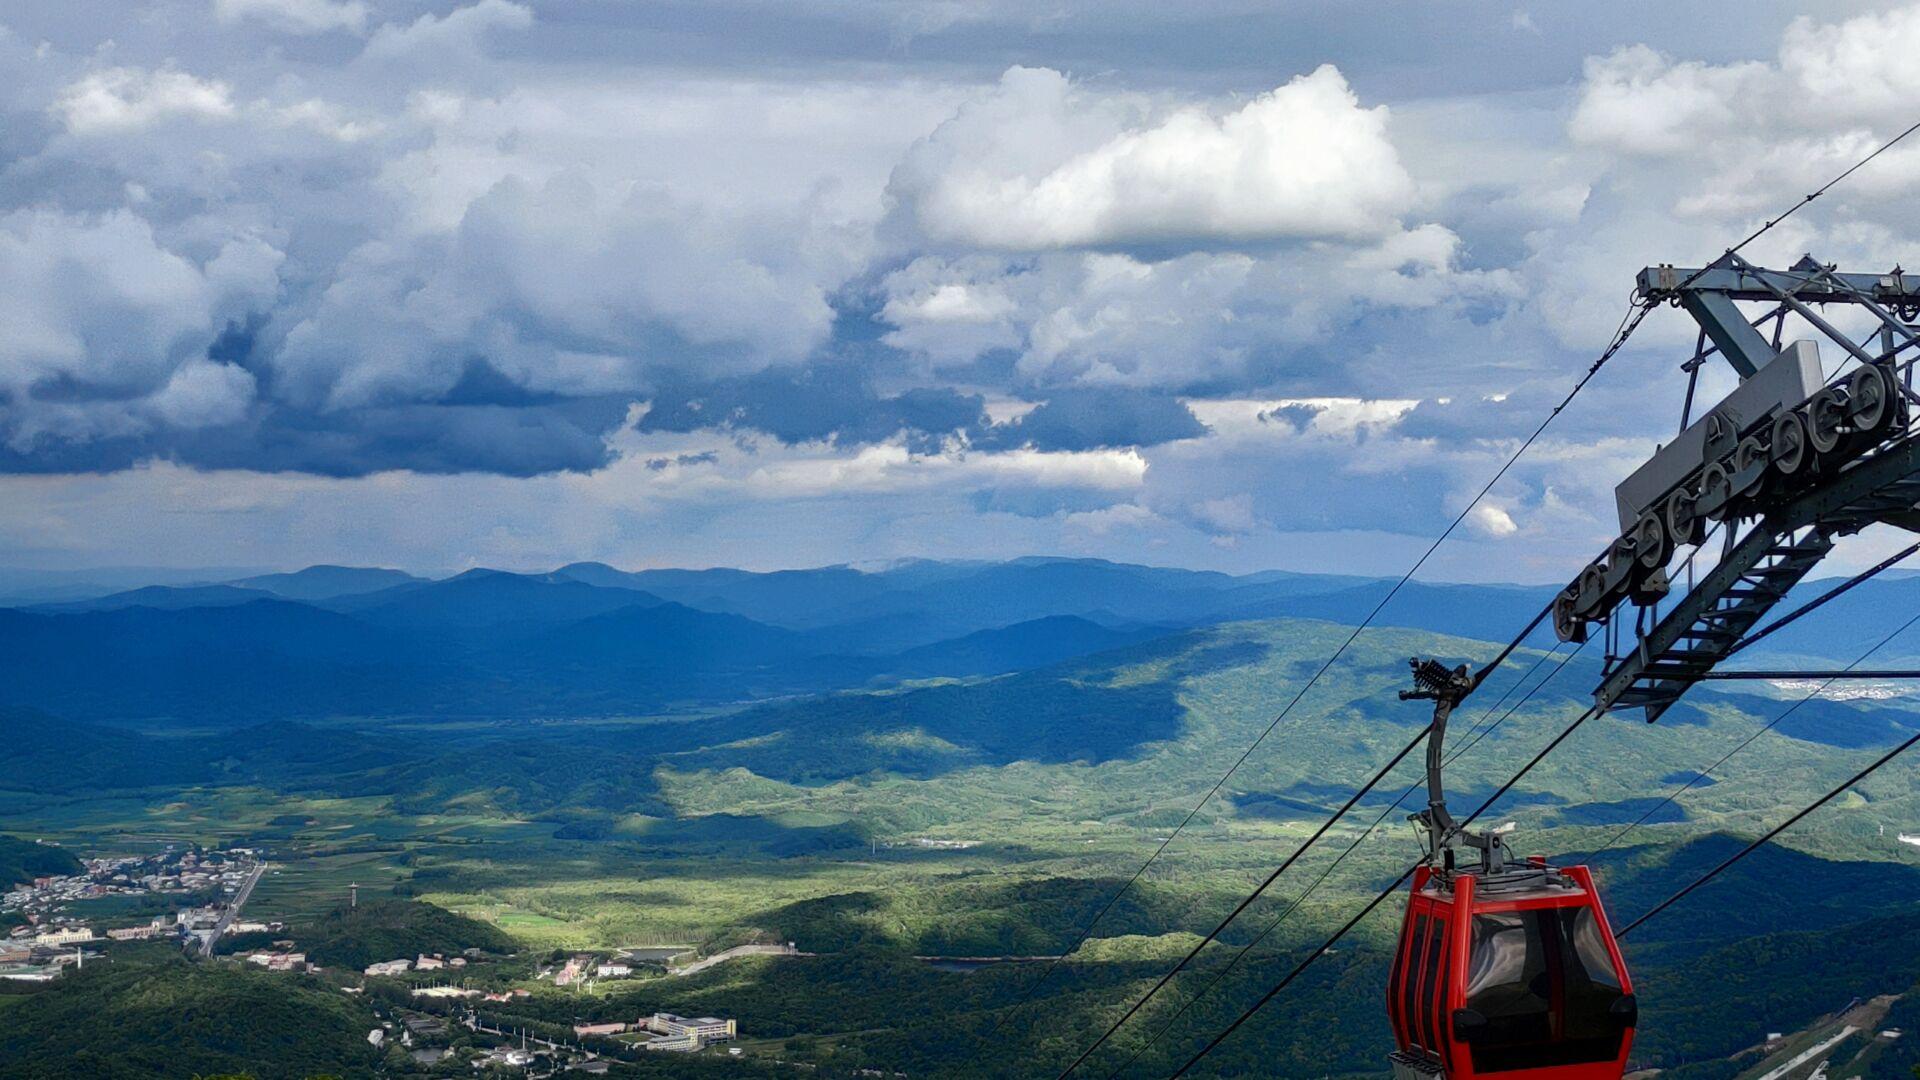 乘缆车到达山顶